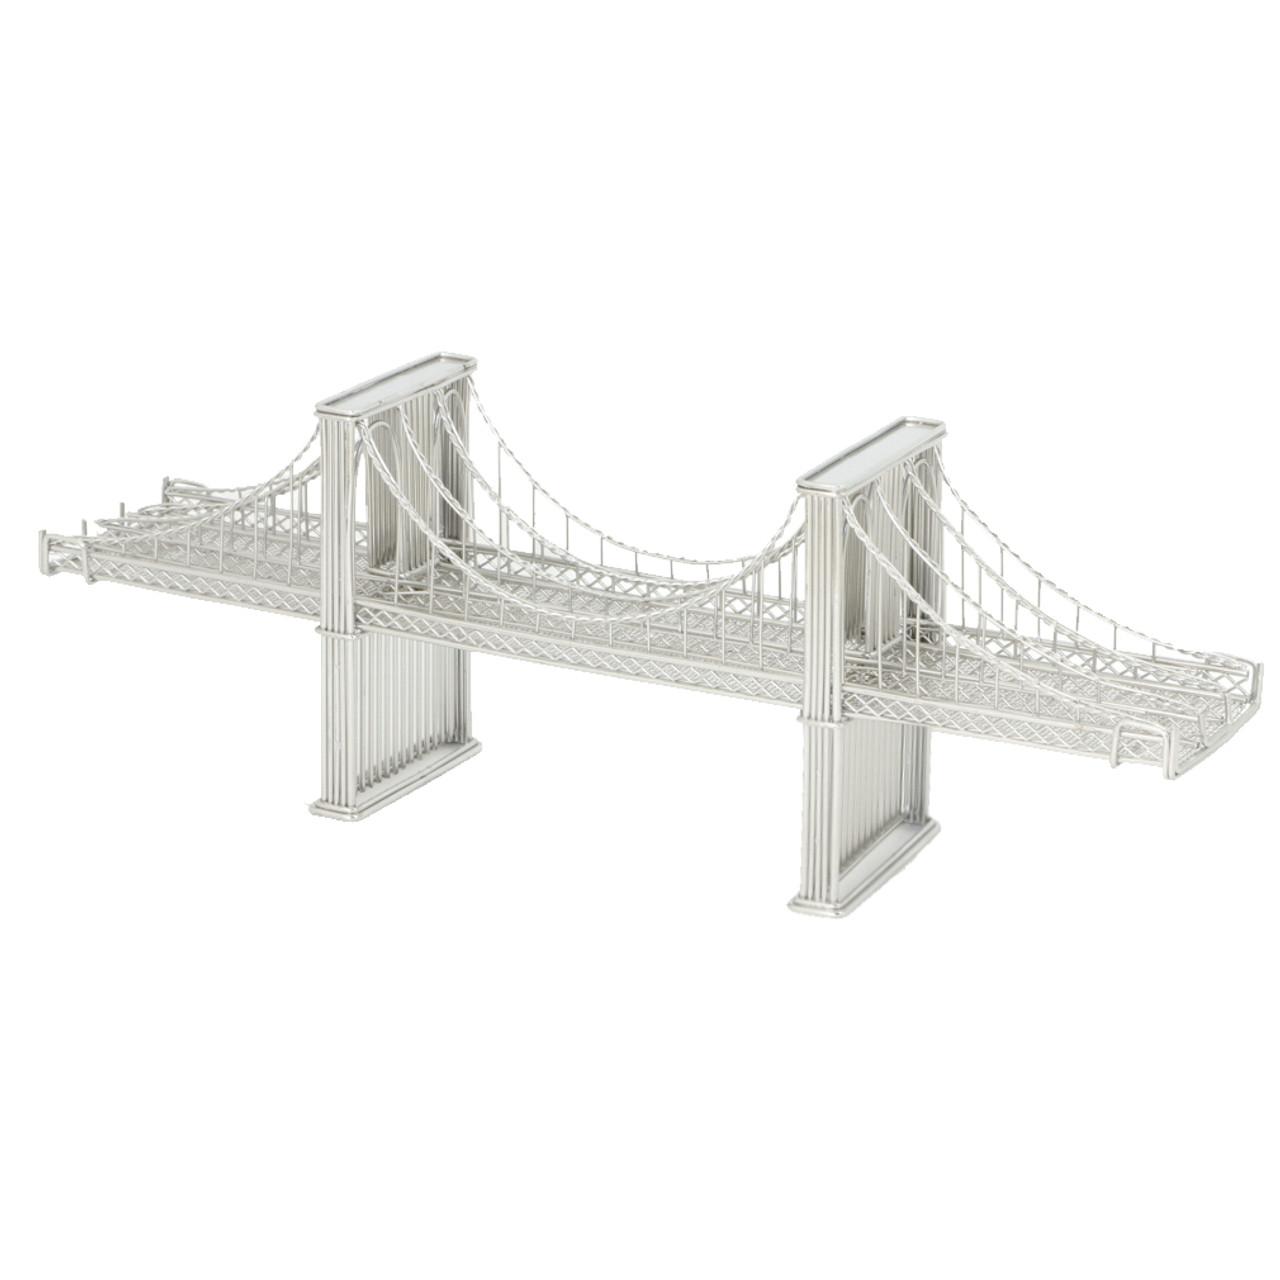 Brooklyn Bridge Model, Steel Wire Replica